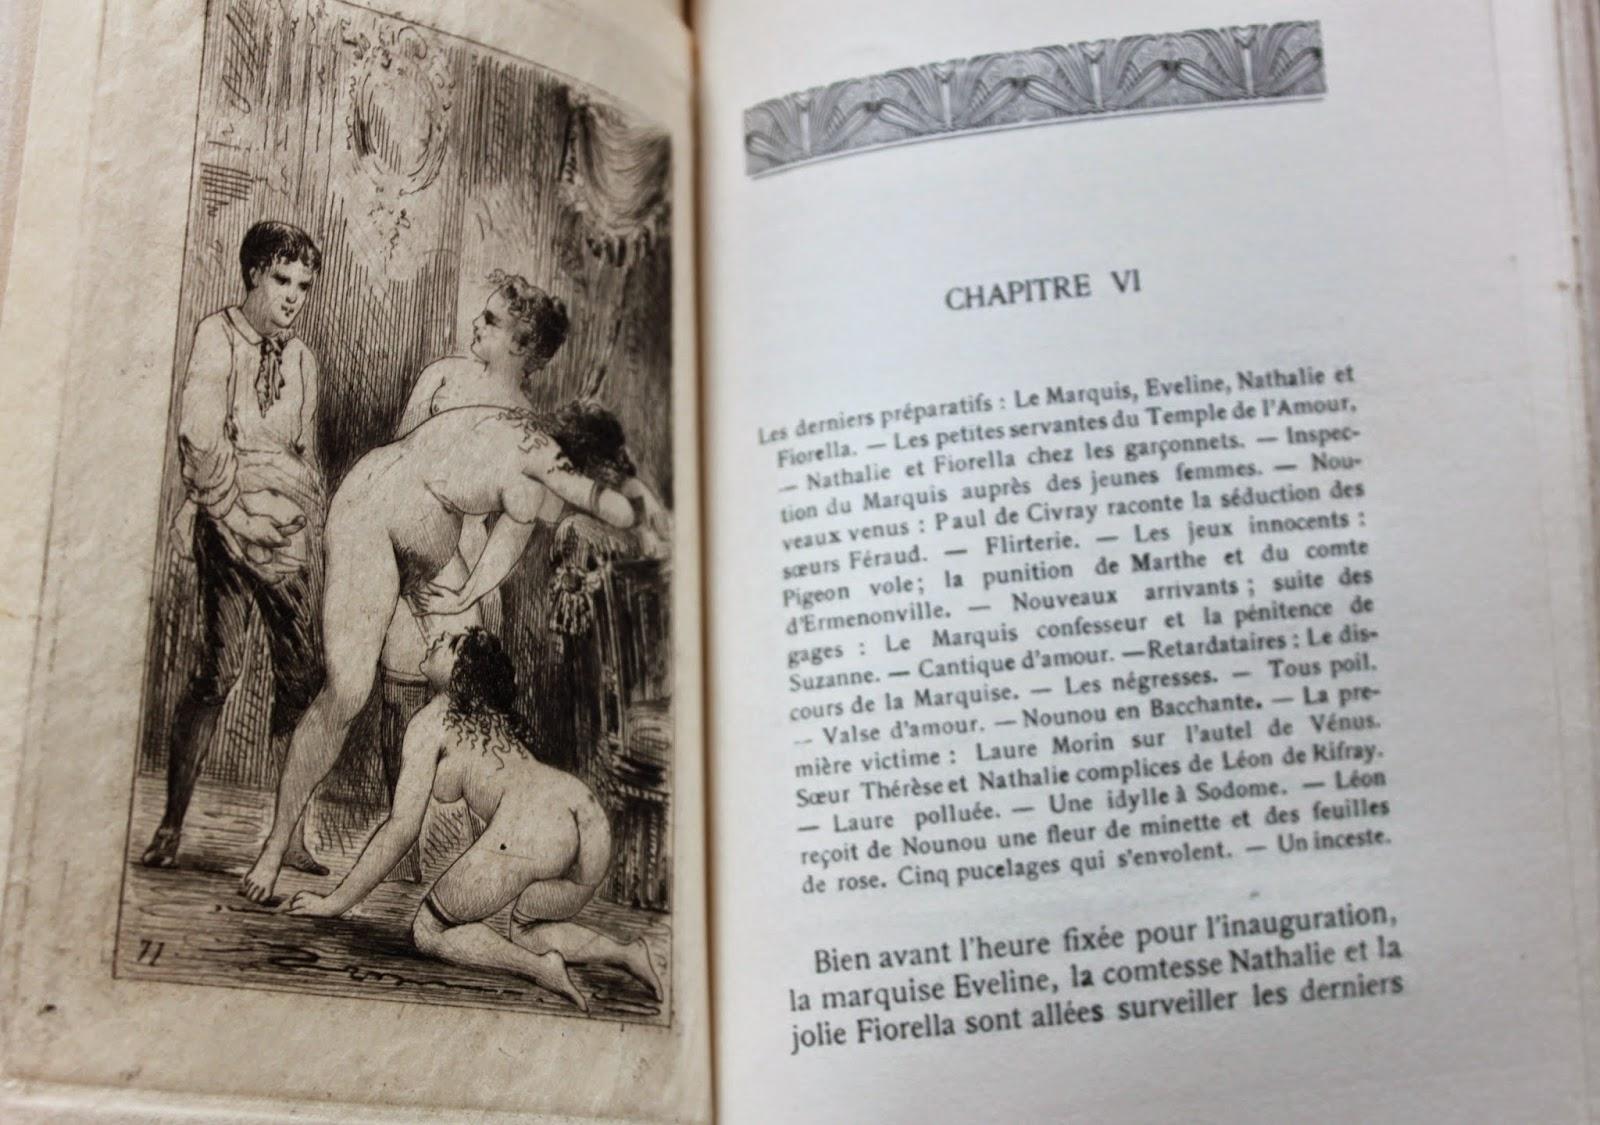 Bibliographie des ouvrages érotiques publiés clandestinement en Français entre 1880 et 1920 - Jean-Pierre Dutel